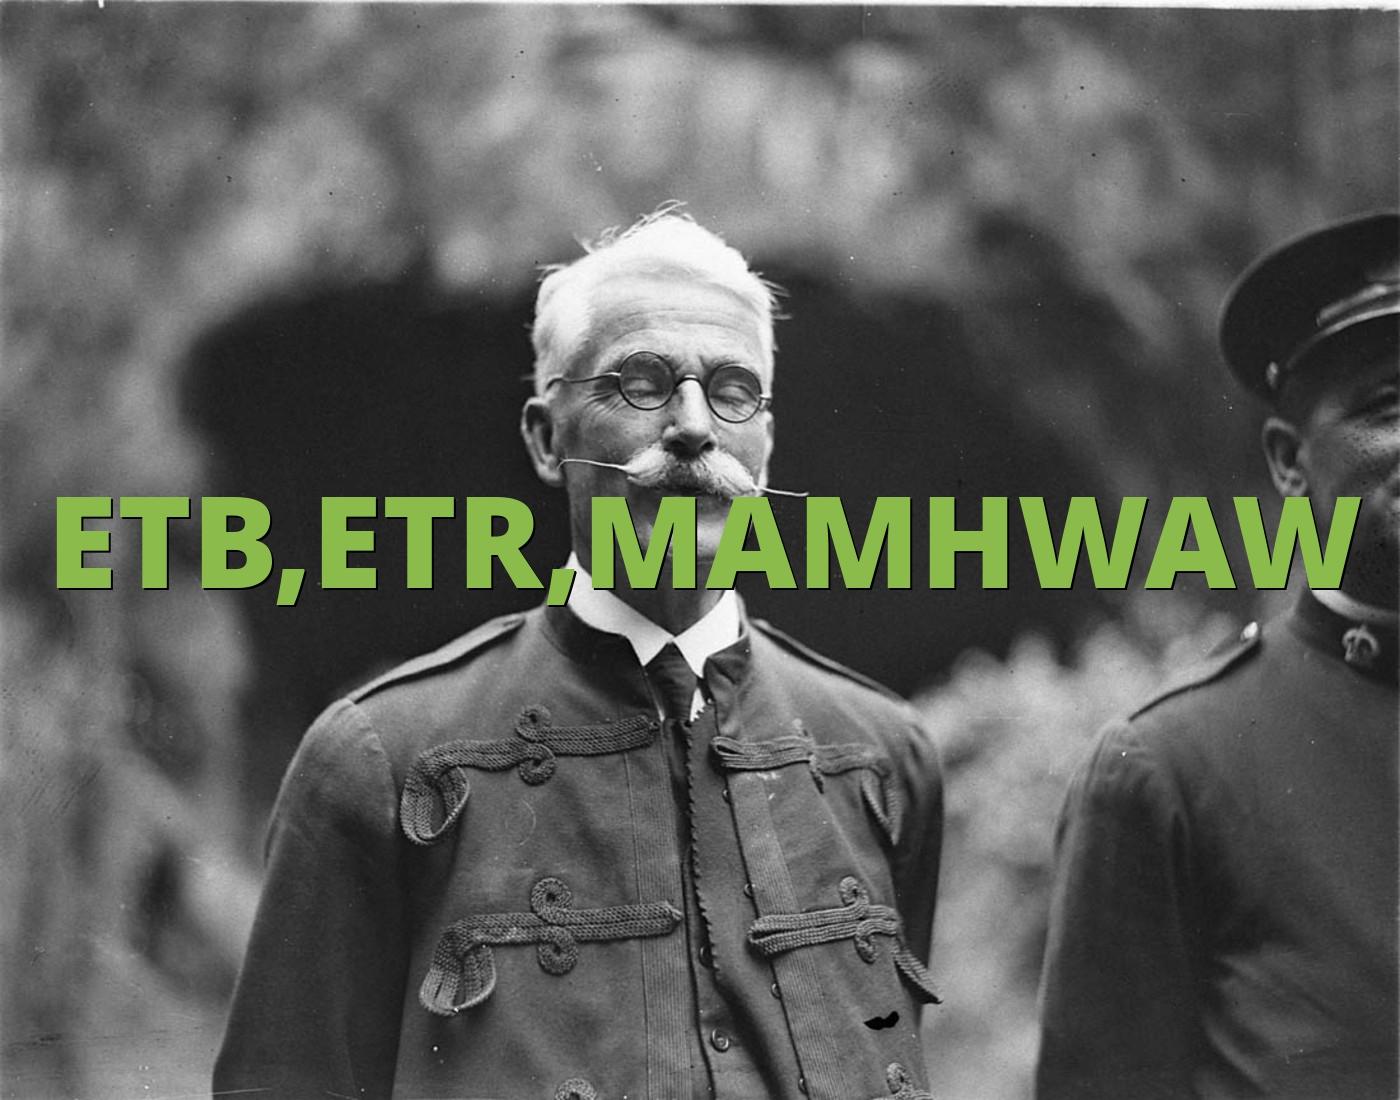 ETB,ETR,MAMHWAW